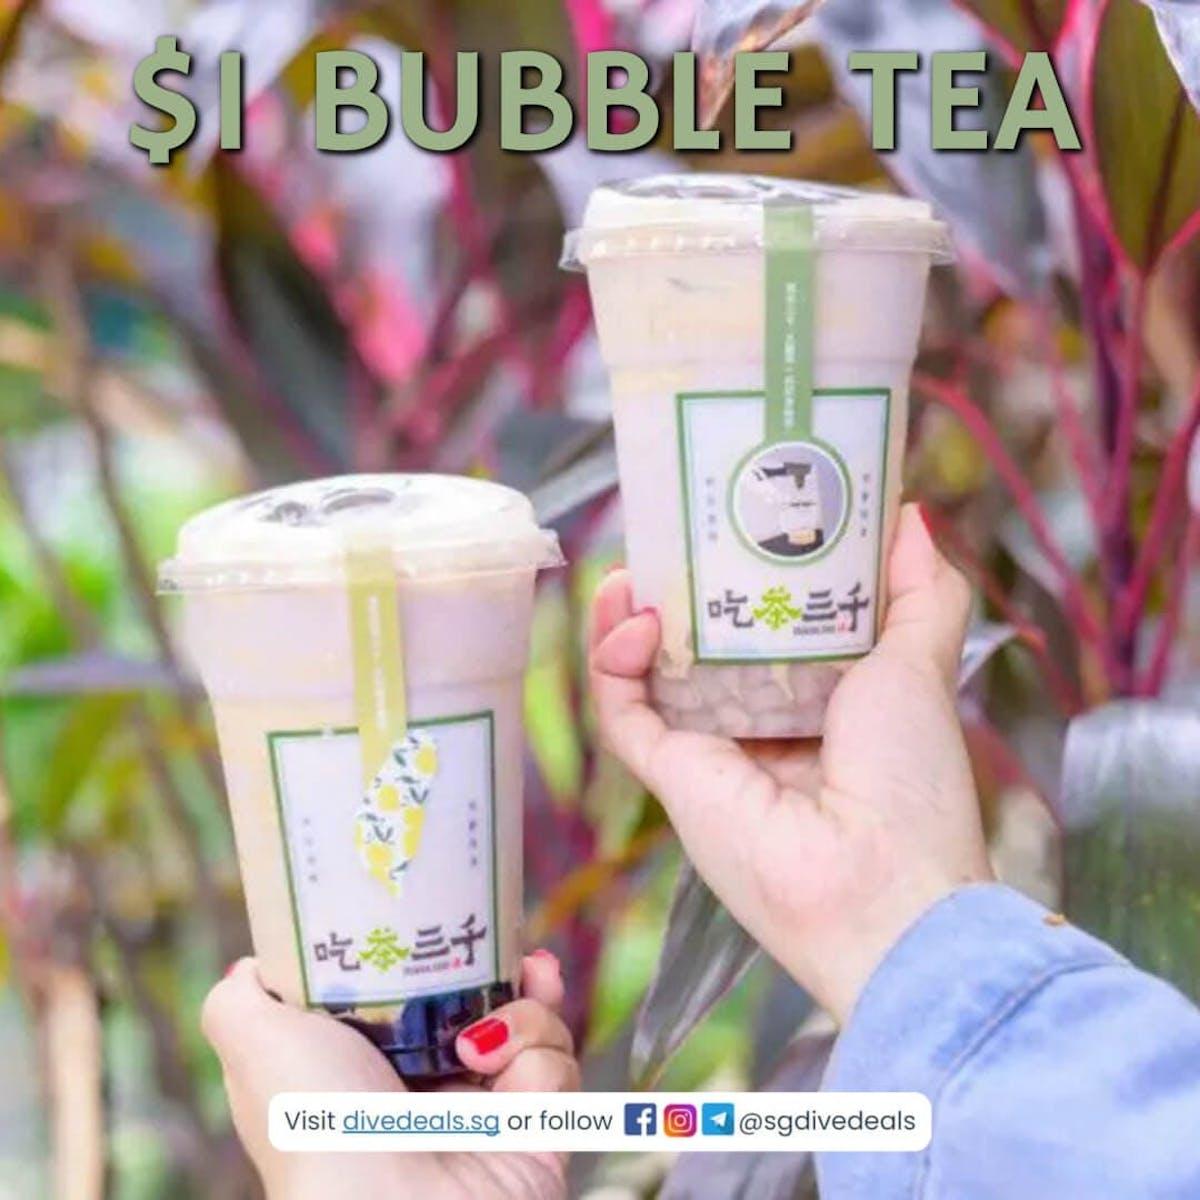 Chicha san chen $1 Bubble Tea Promotion